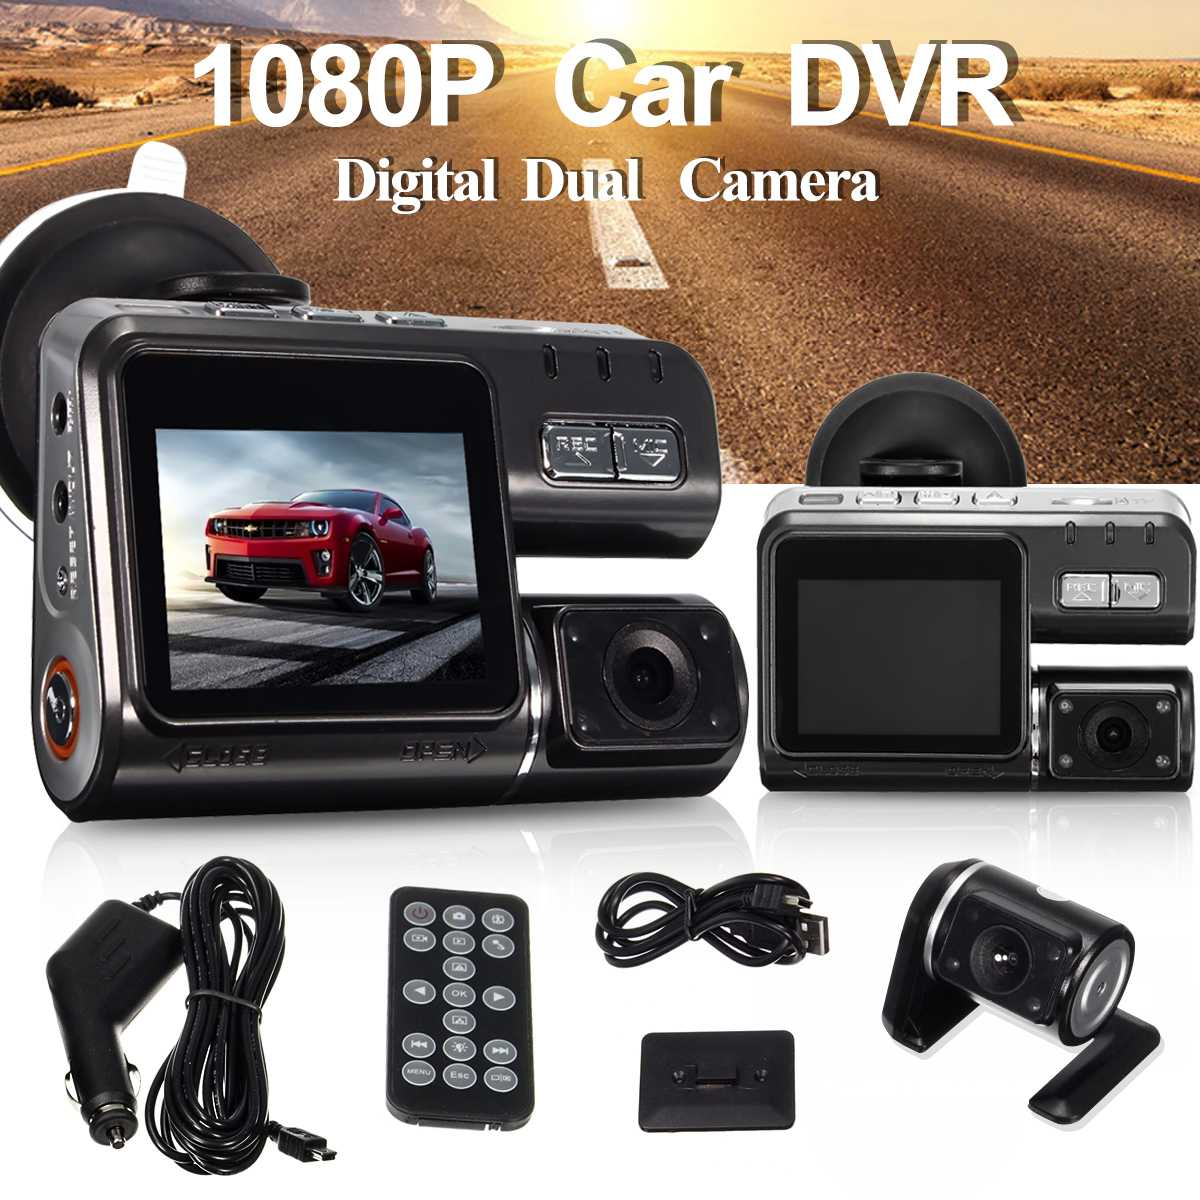 Full HD 1080 P voiture véhicule DVR caméra Dash Cam enregistrement vidéo G capteur double lentille Dvr caméras et caméra de recul